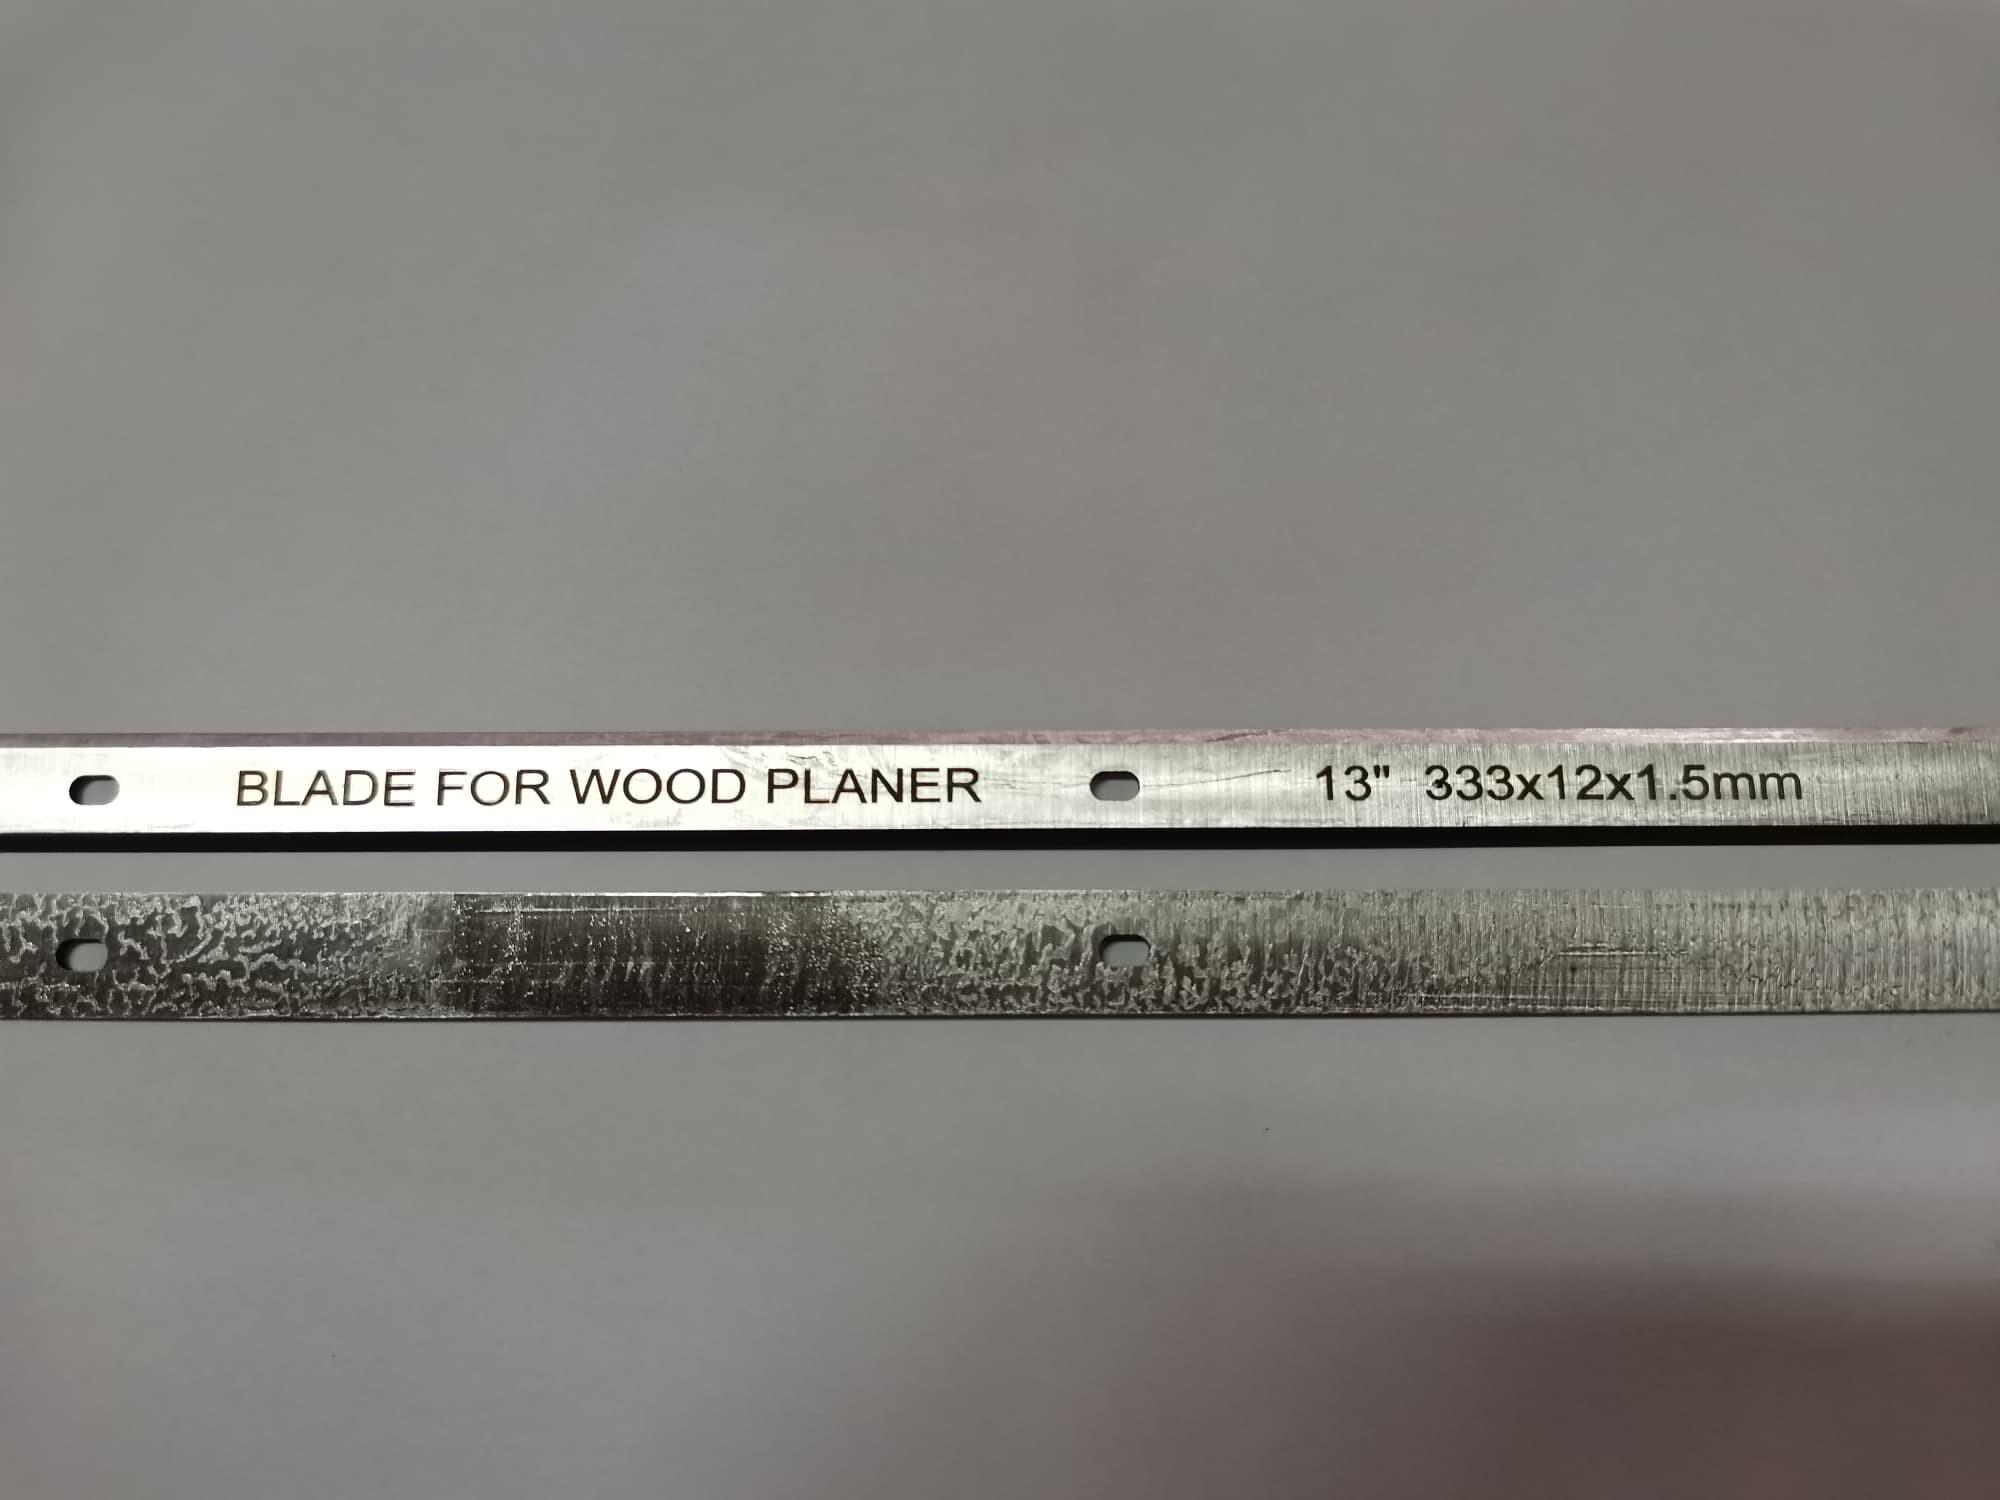 ใบมีดเครื่องรีดไม้ TIGER ขนาด 13นิ้ว รุ่น TMB-13 (จำนวน2ใบ)